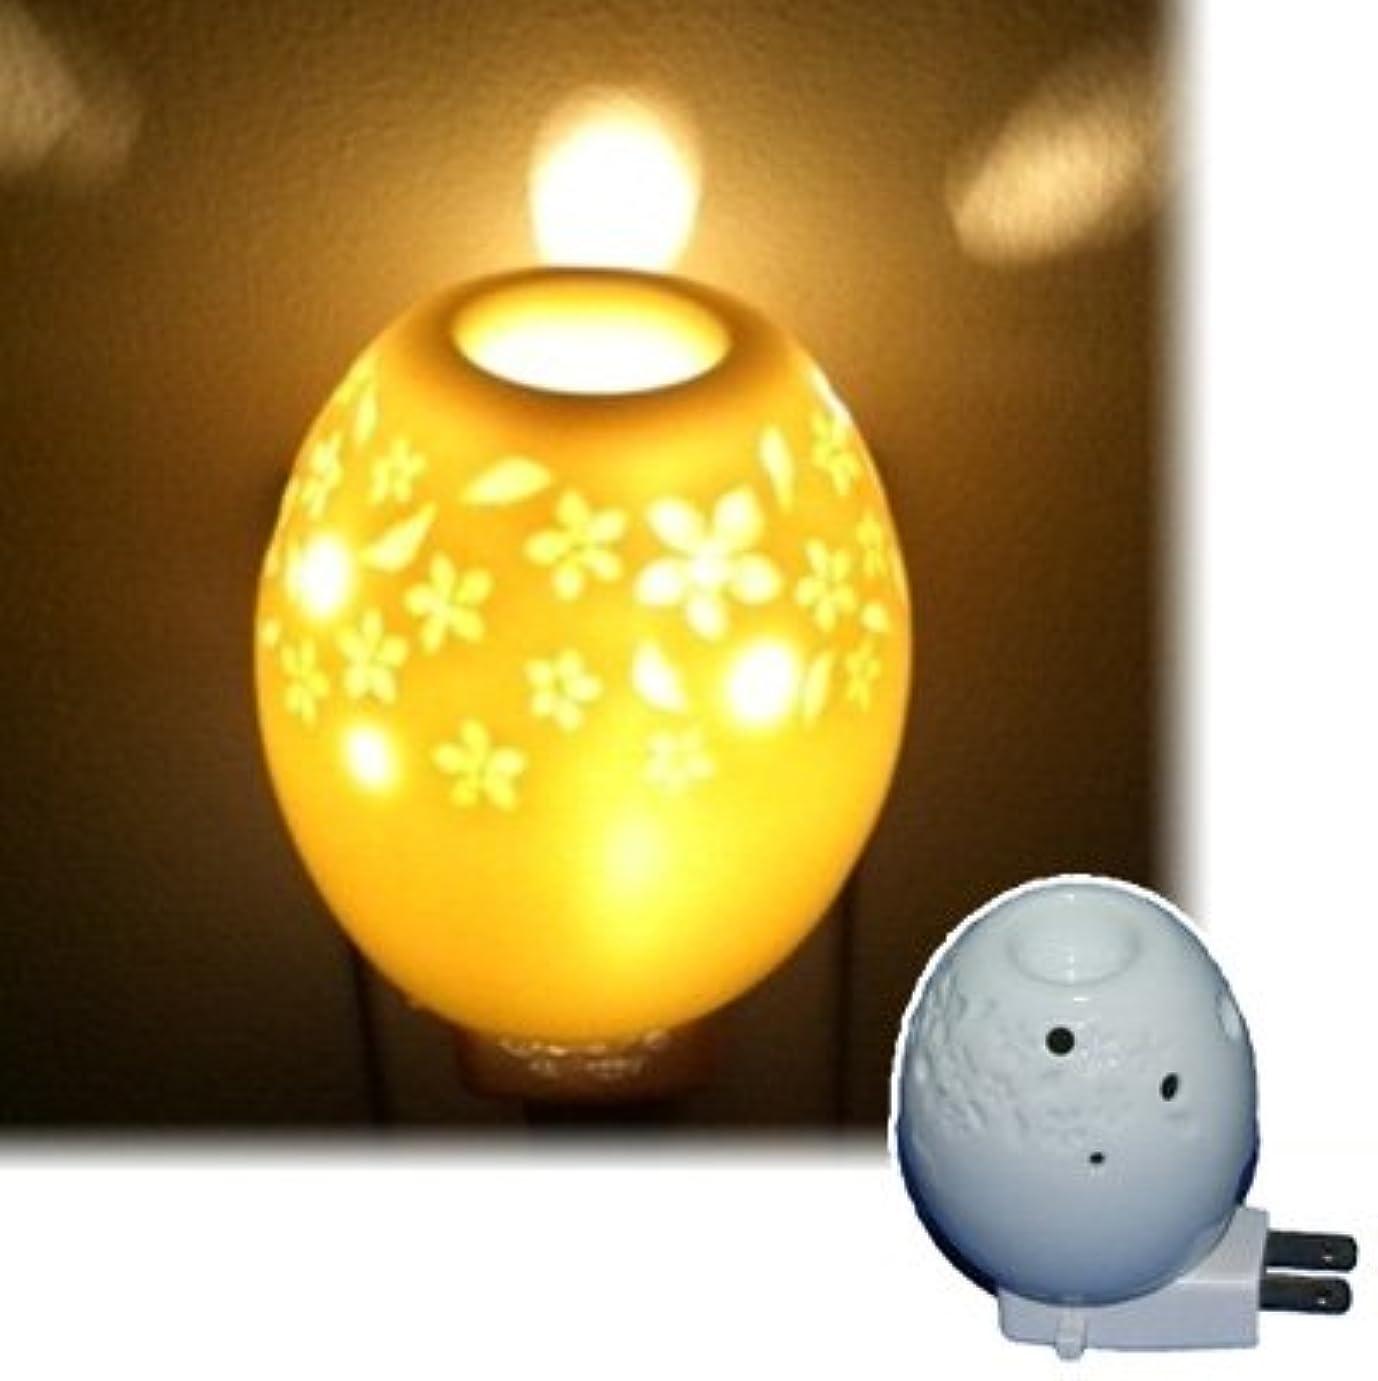 反射制限されたお祝いアロマオールナイト オーバル 生活の木 アロマランプ(電気式芳香器)